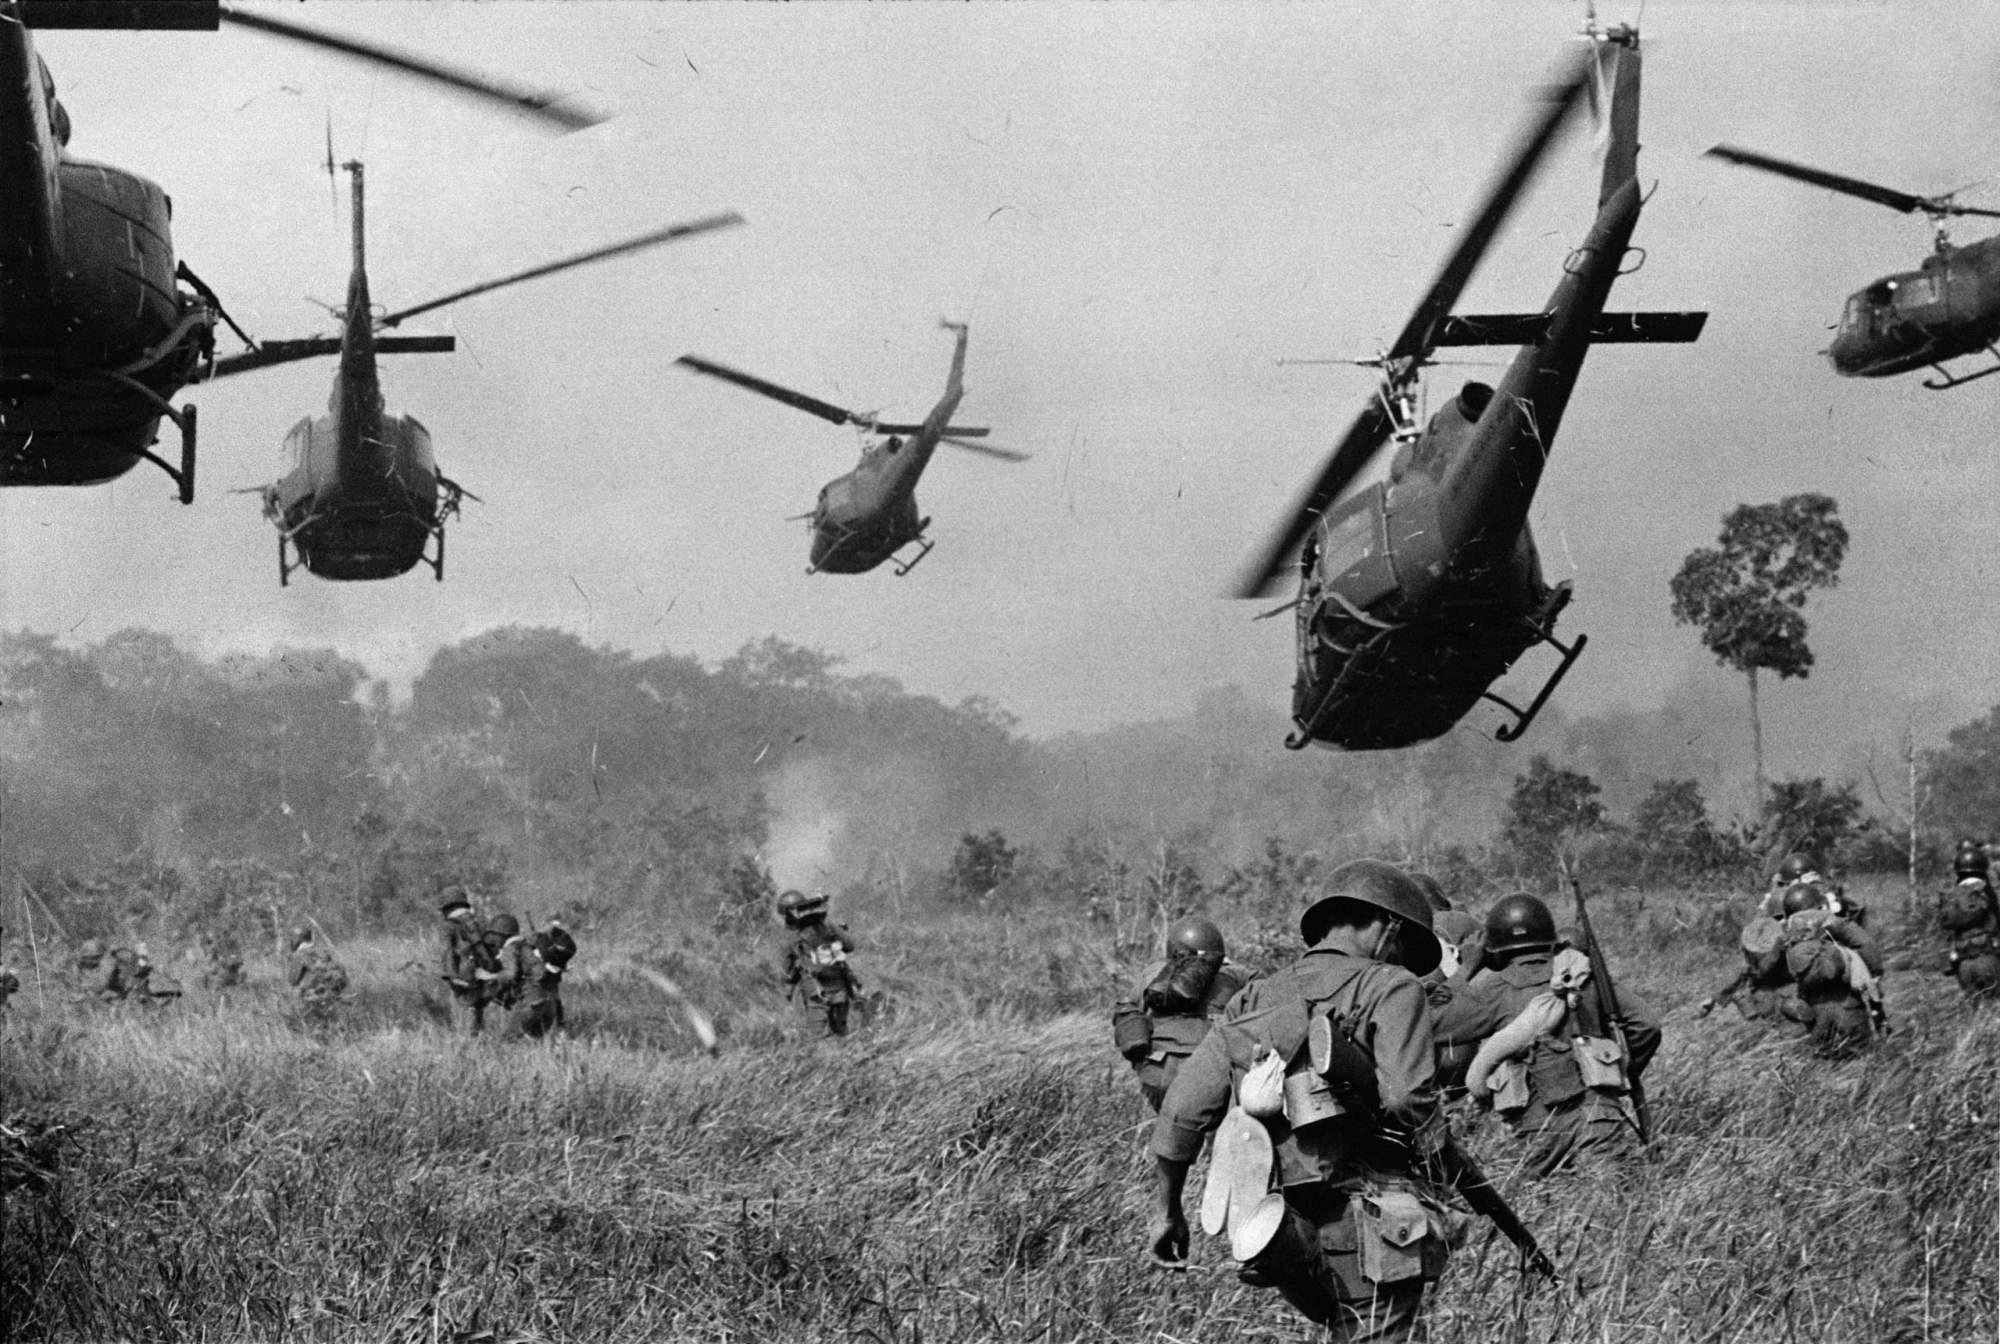 Tras la niebla de la Guerra: la desaparición del Coronel Shelton - Radio Cantilo